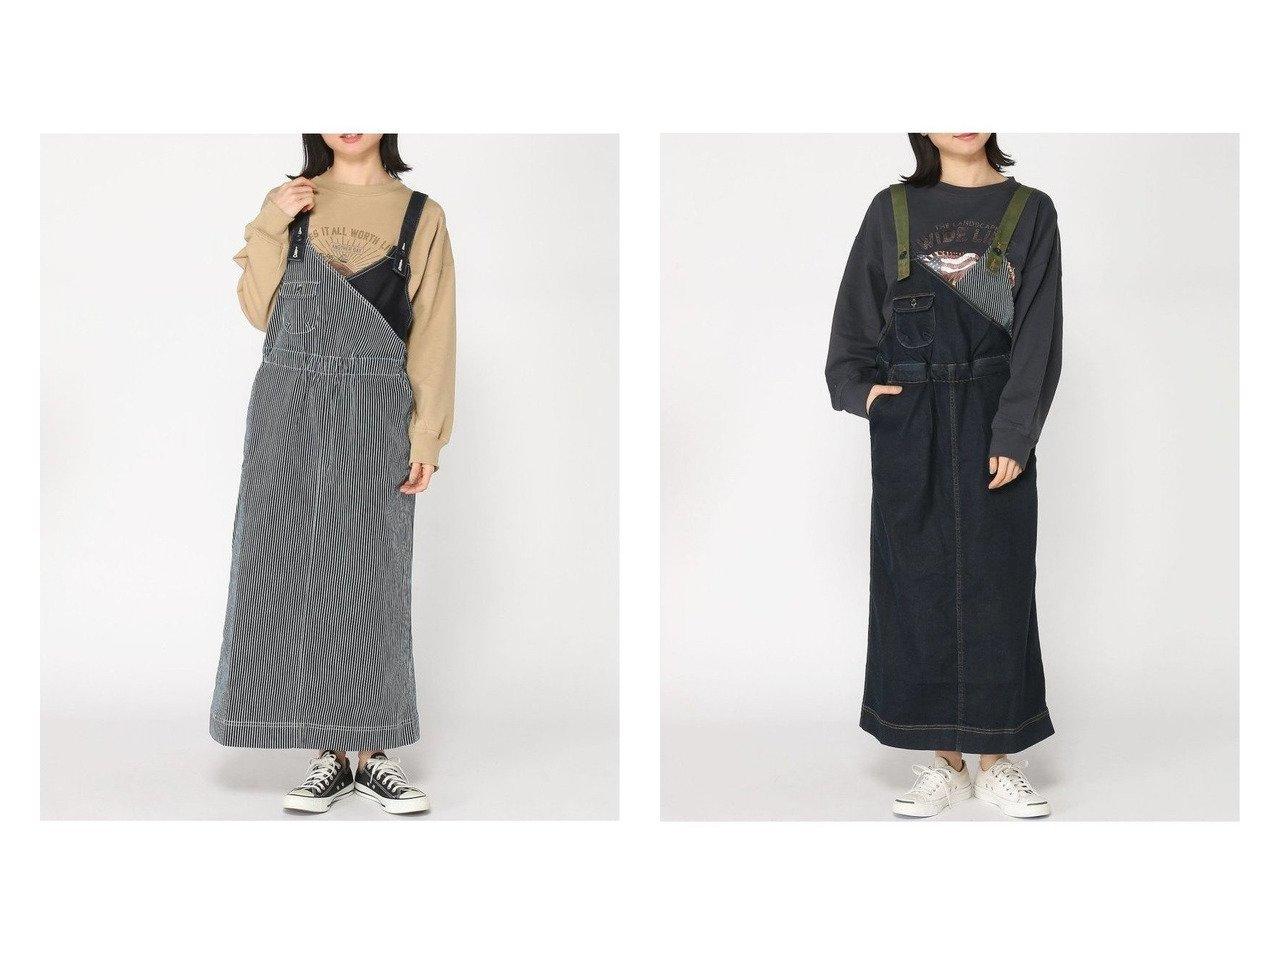 【KRIFF MAYER/クリフメイヤー】のカシュクールサロペットスカート 【スカート】おすすめ!人気、トレンド・レディースファッションの通販   おすすめで人気の流行・トレンド、ファッションの通販商品 メンズファッション・キッズファッション・インテリア・家具・レディースファッション・服の通販 founy(ファニー) https://founy.com/ ファッション Fashion レディースファッション WOMEN スカート Skirt ストライプ ストレート デニム ロング |ID:crp329100000026874